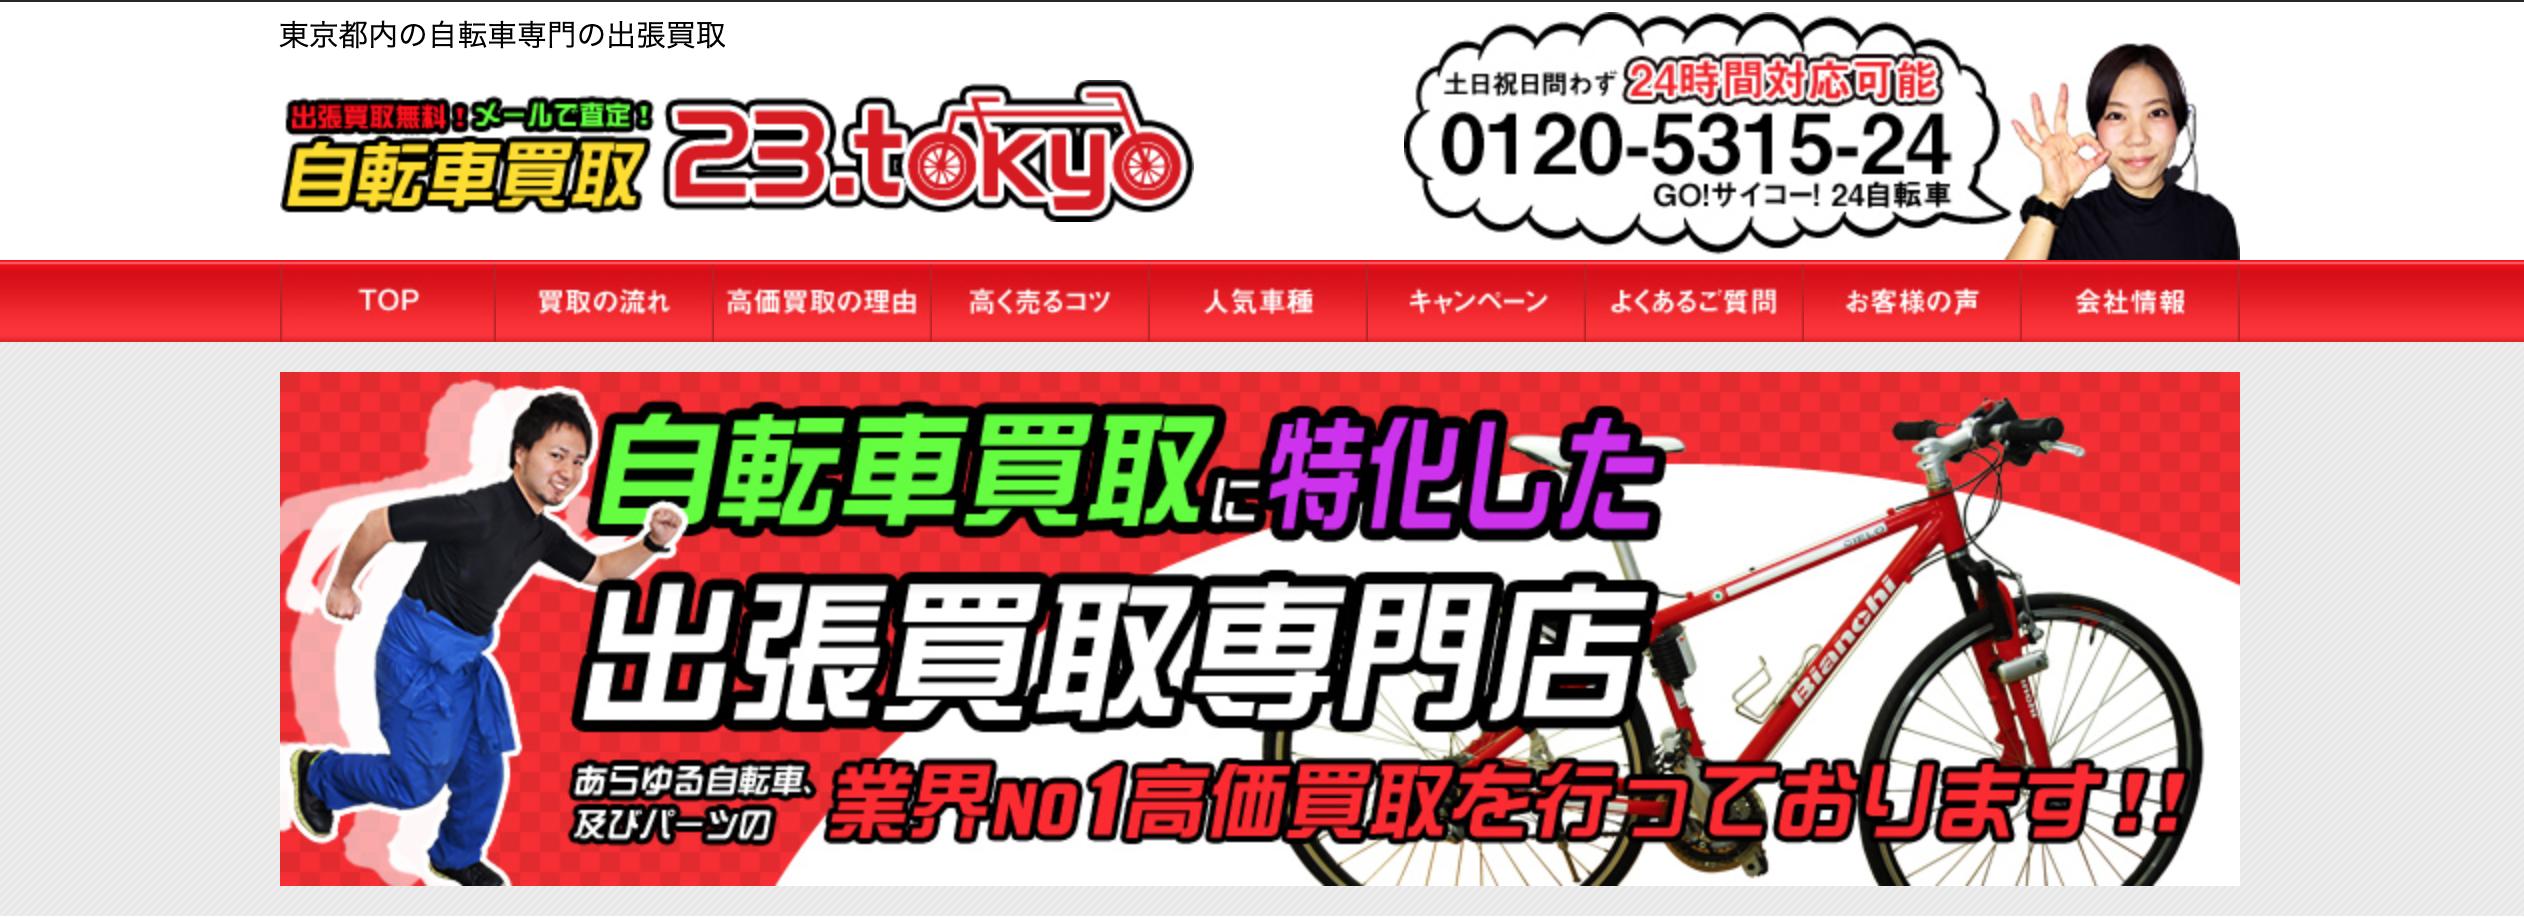 自転車出張買取23.tokyo